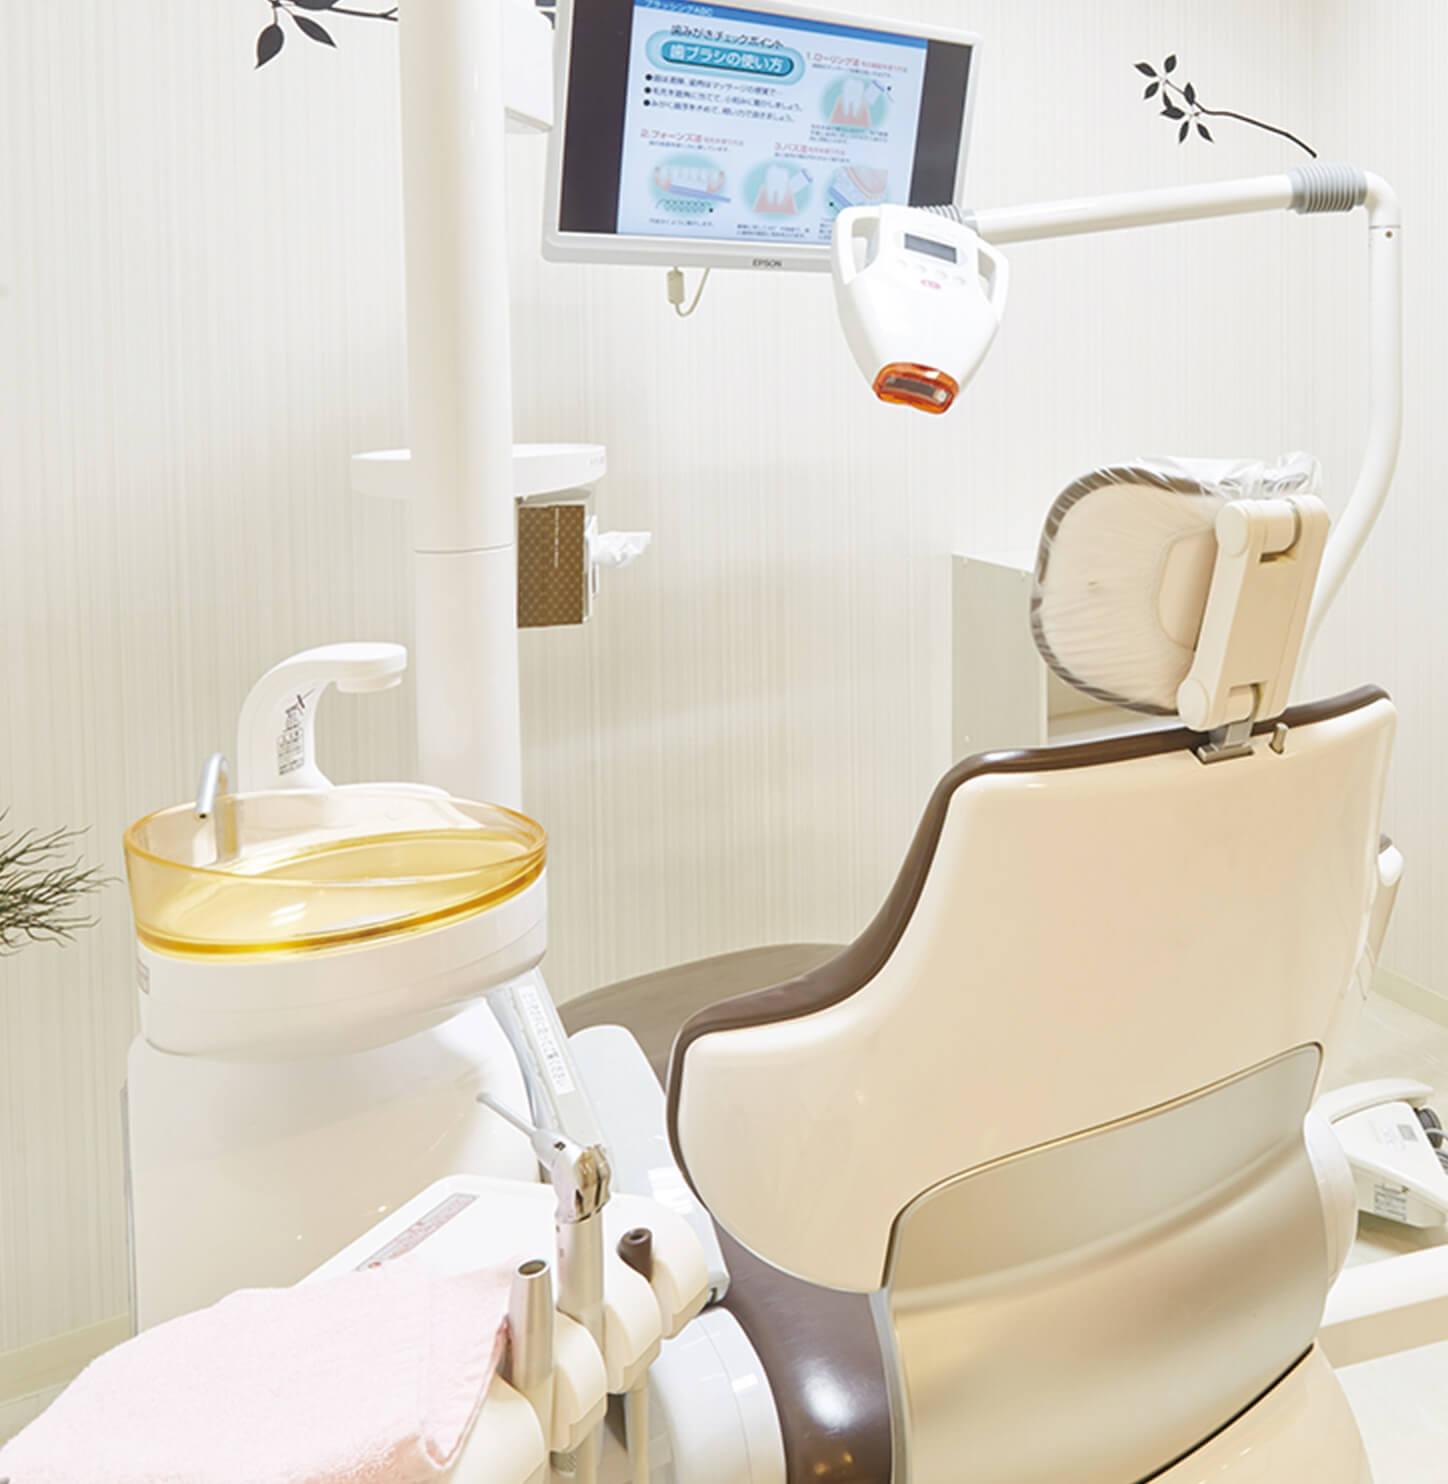 治療器具のイメージ